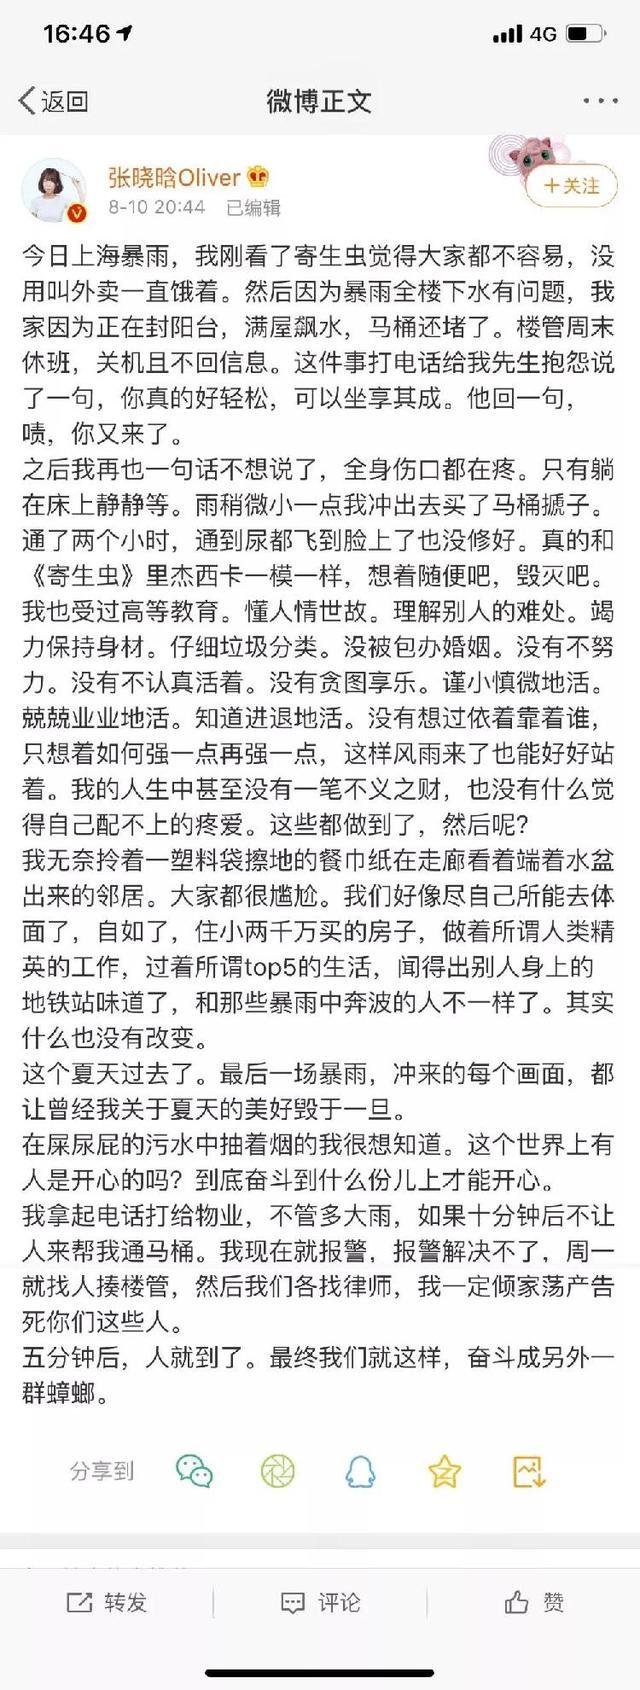 张晓晗菜头事件始末梳理 因张晓晗写寄生虫影评被嘲?